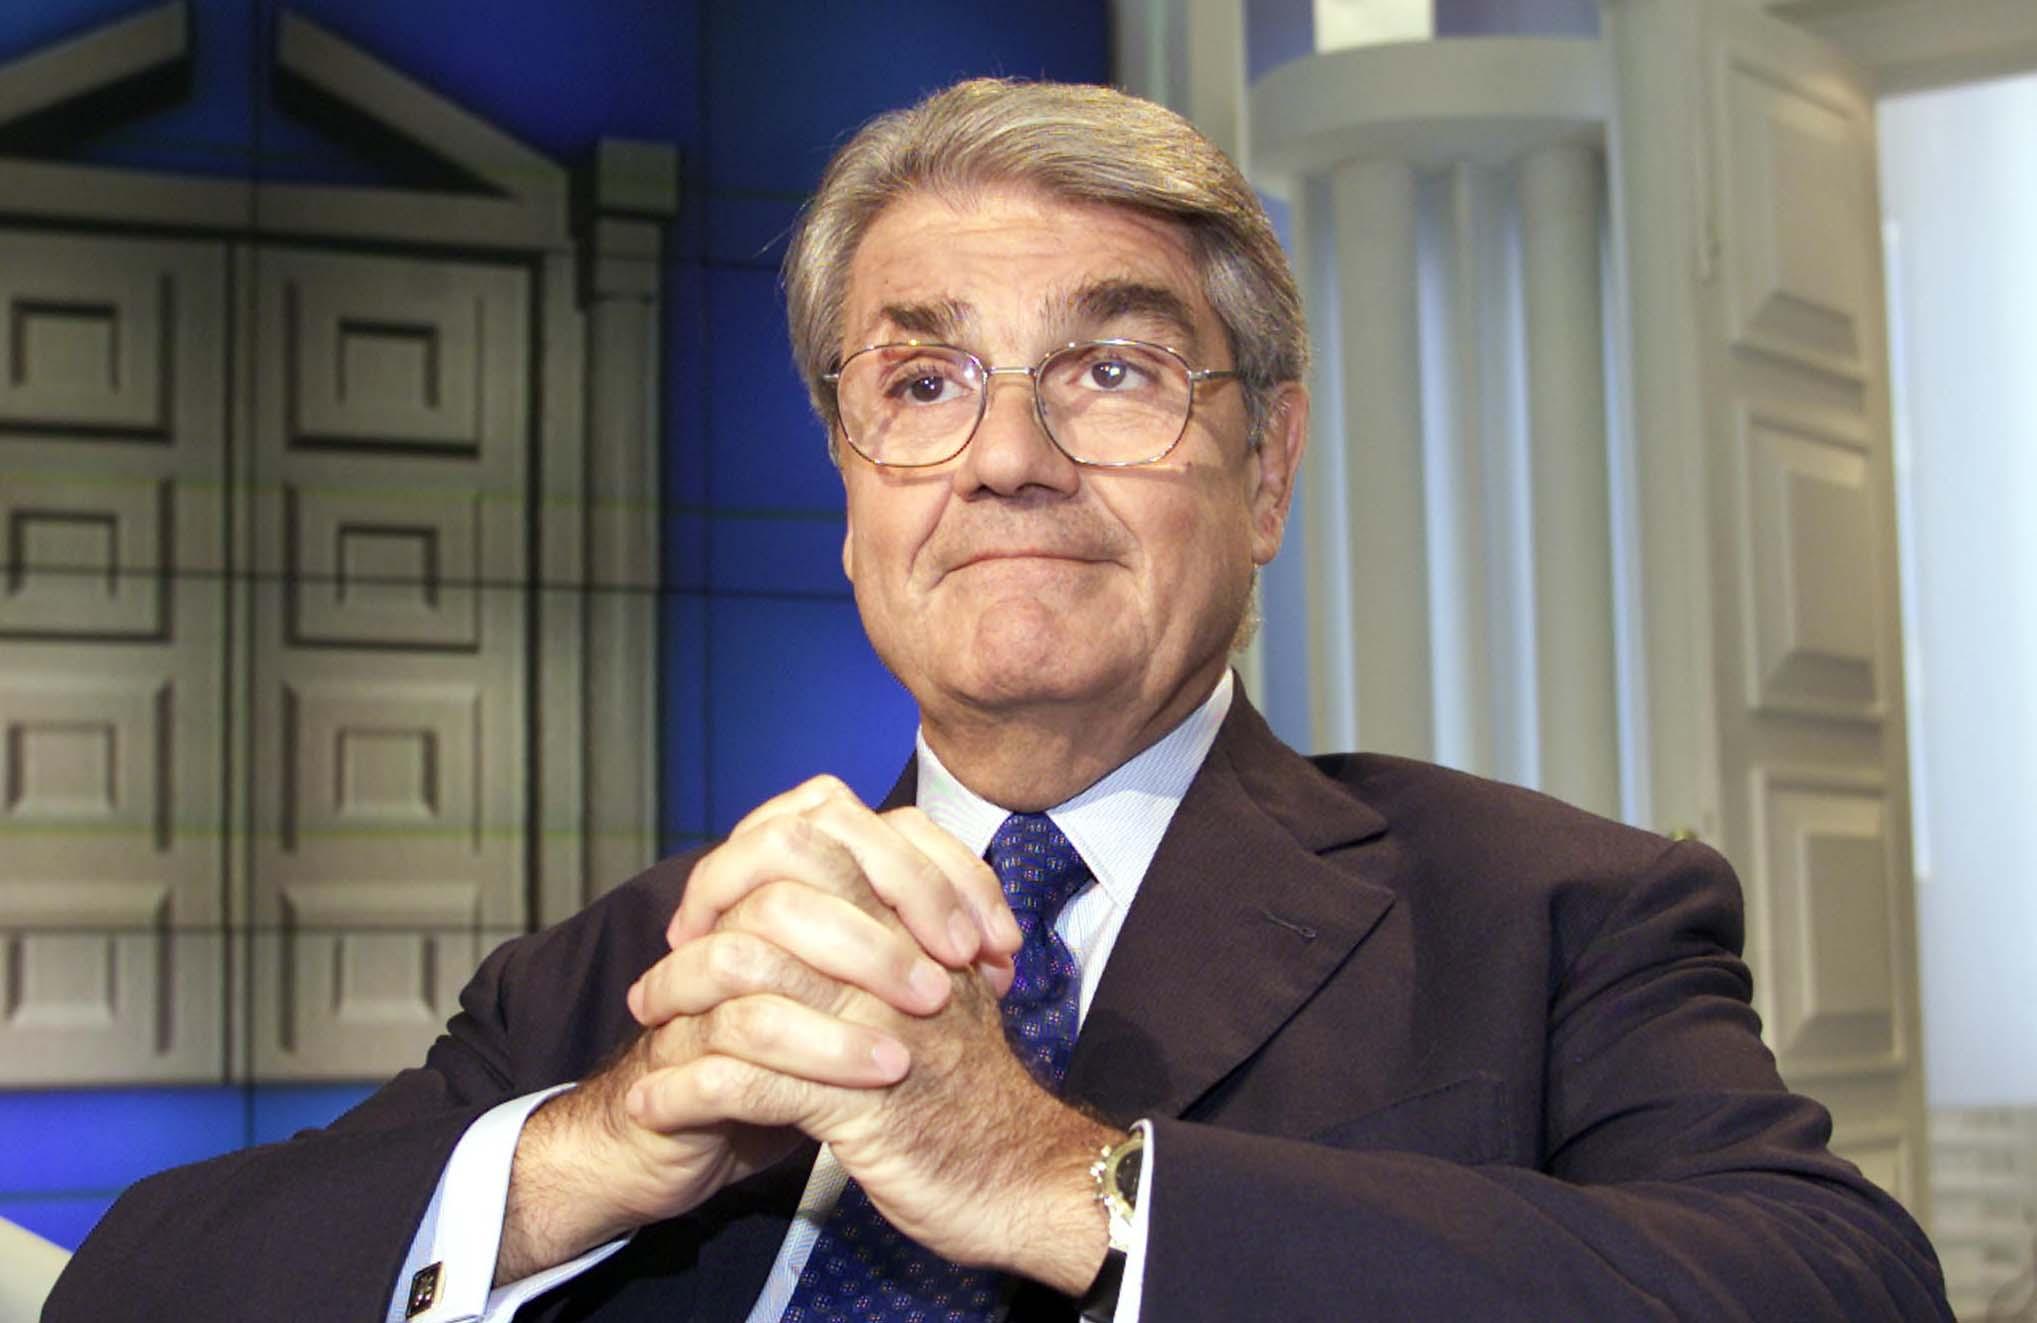 Processo Stato - mafia a Palermo, assolto l'ex ministro Mannino